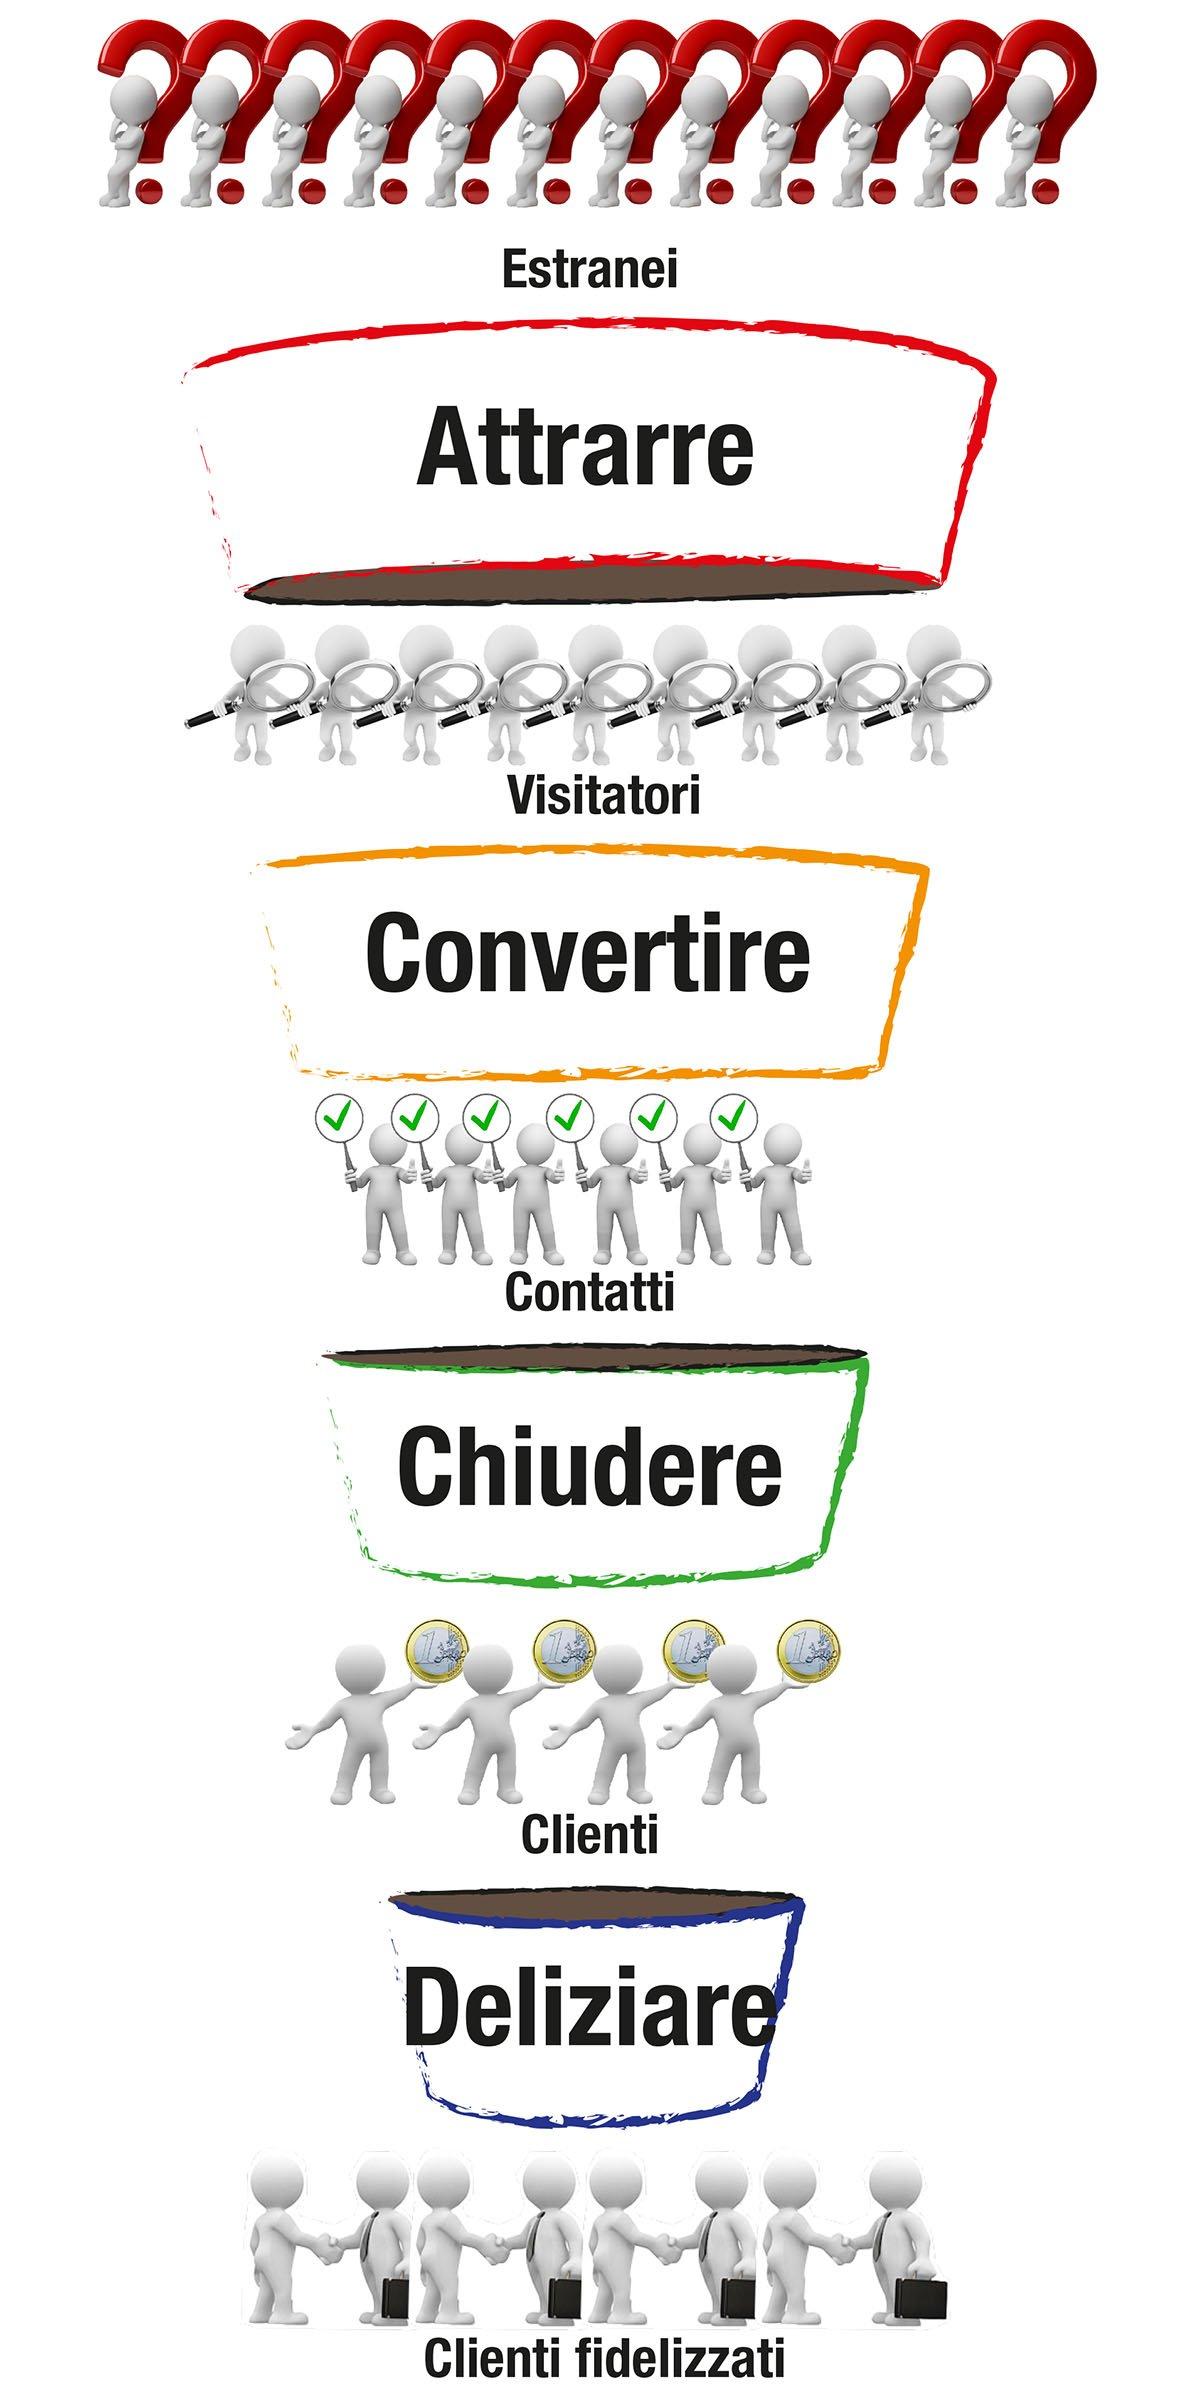 Rapprensentazione del funnel di vendita e della progressiva trasformazione dei consumatori da estranei a clienti fidelizzati